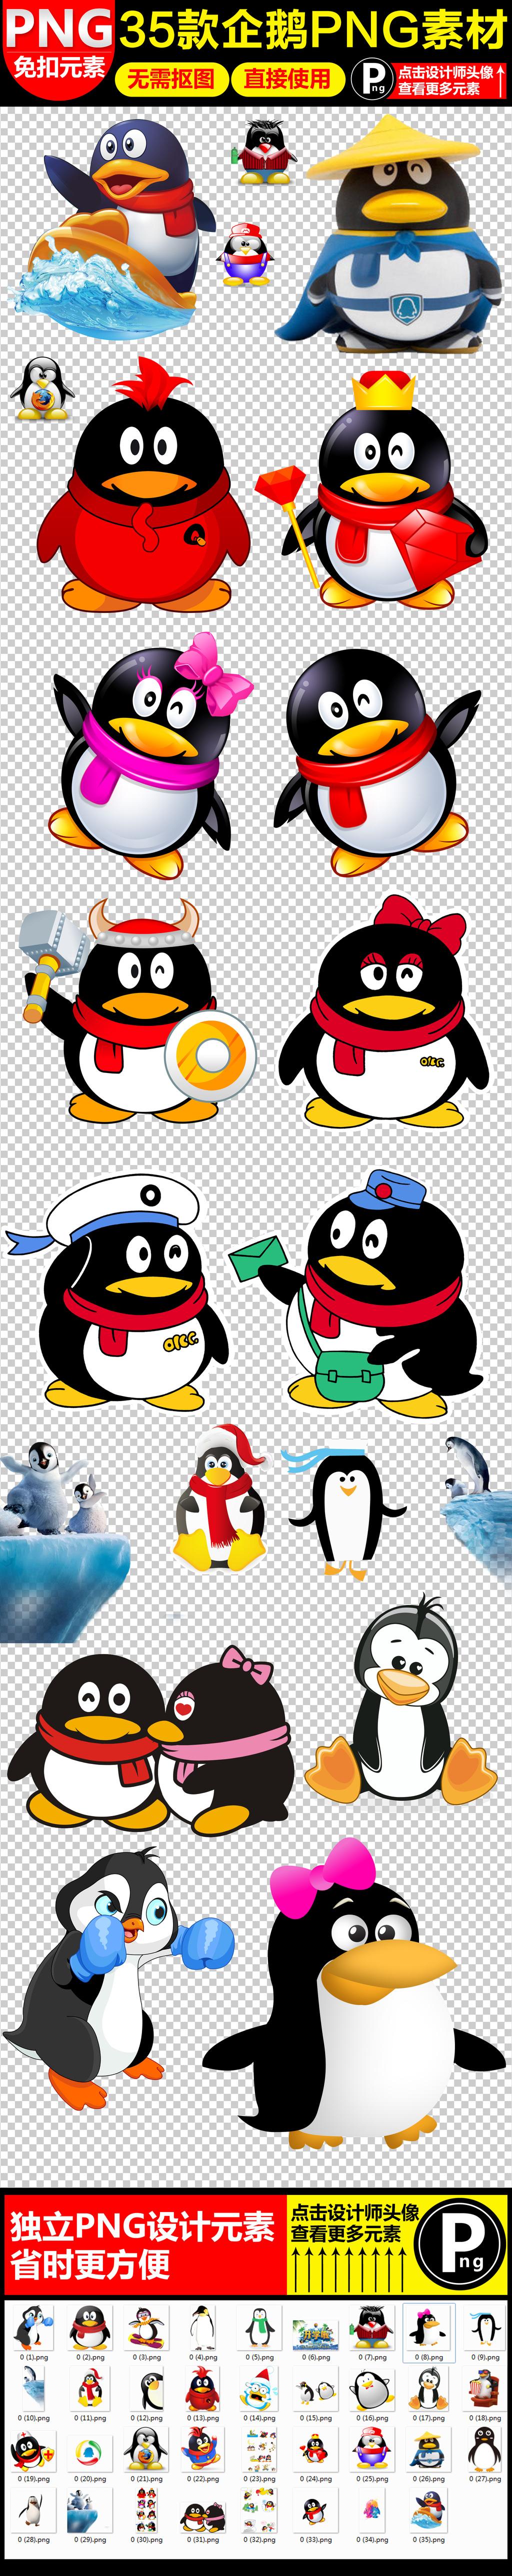 卡通动物海上企鹅设计png免扣背景素材